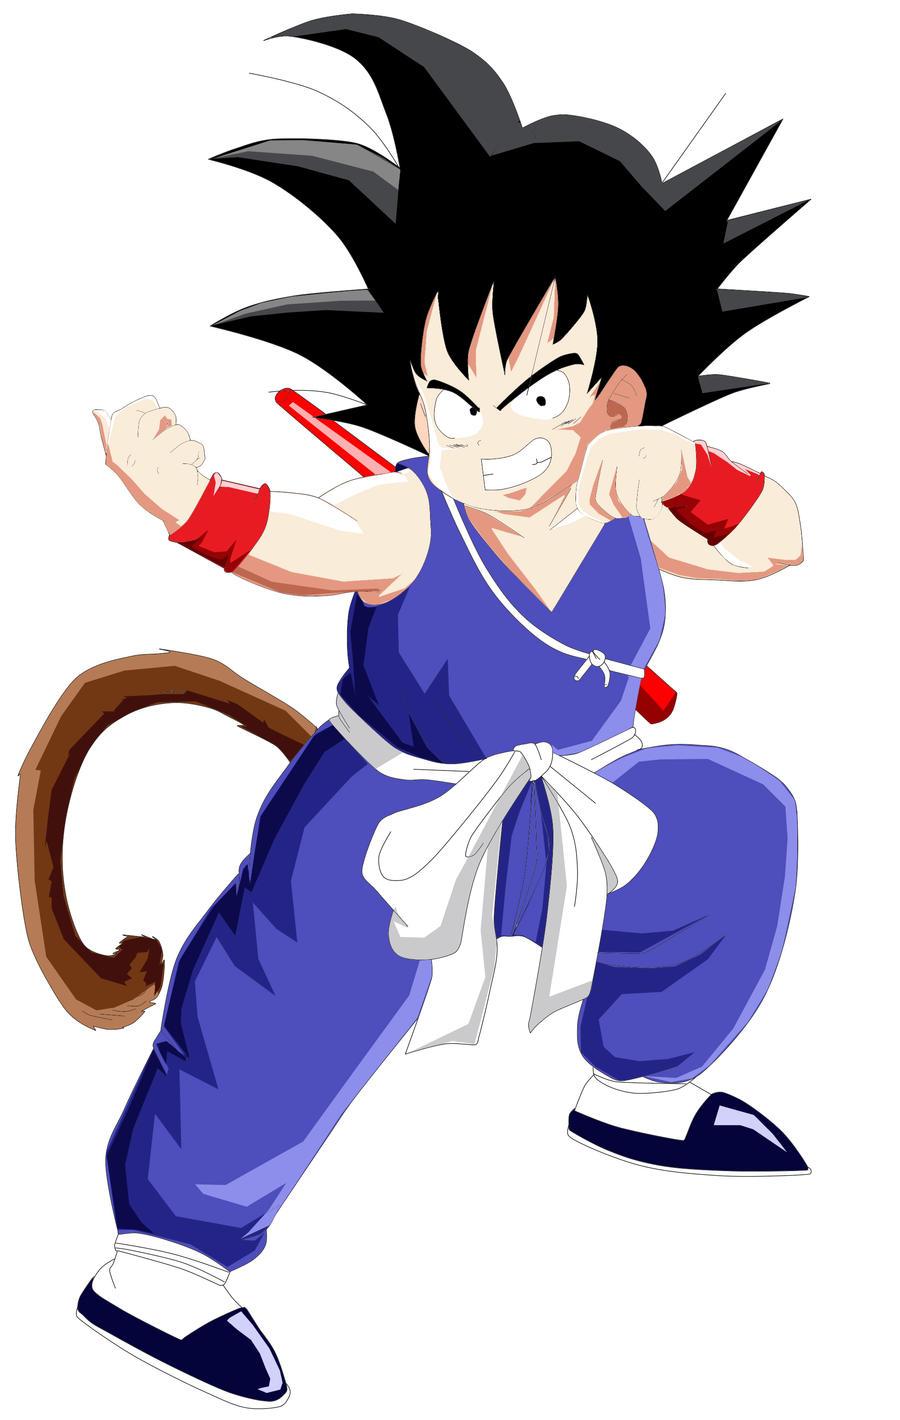 Kid Goku Rock Paper Scissors